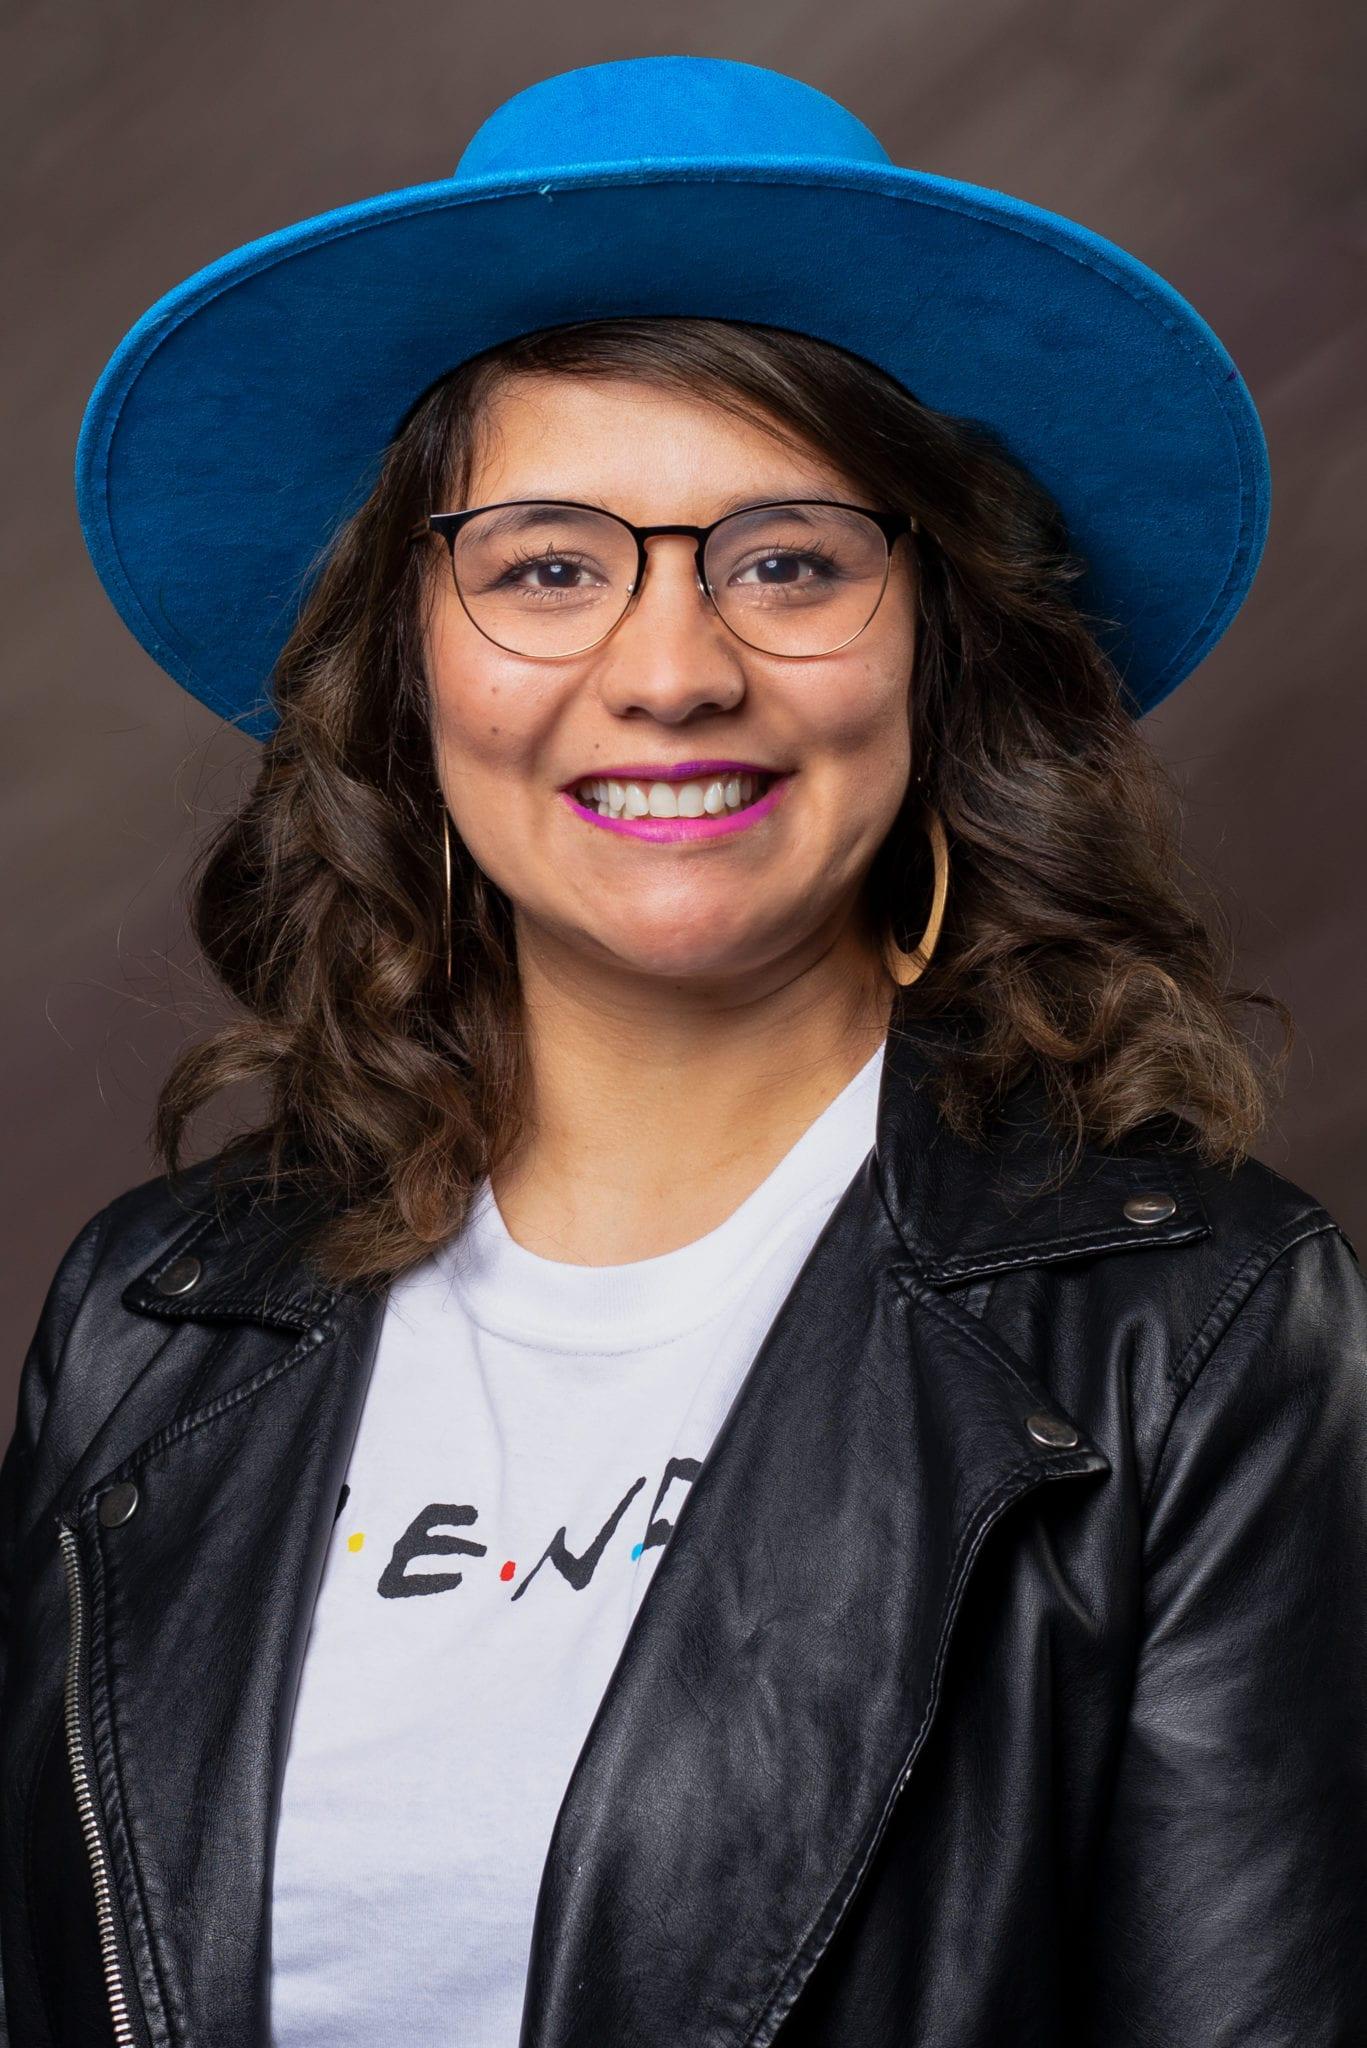 Natalia Giraldo, Directora de Programación y locutora